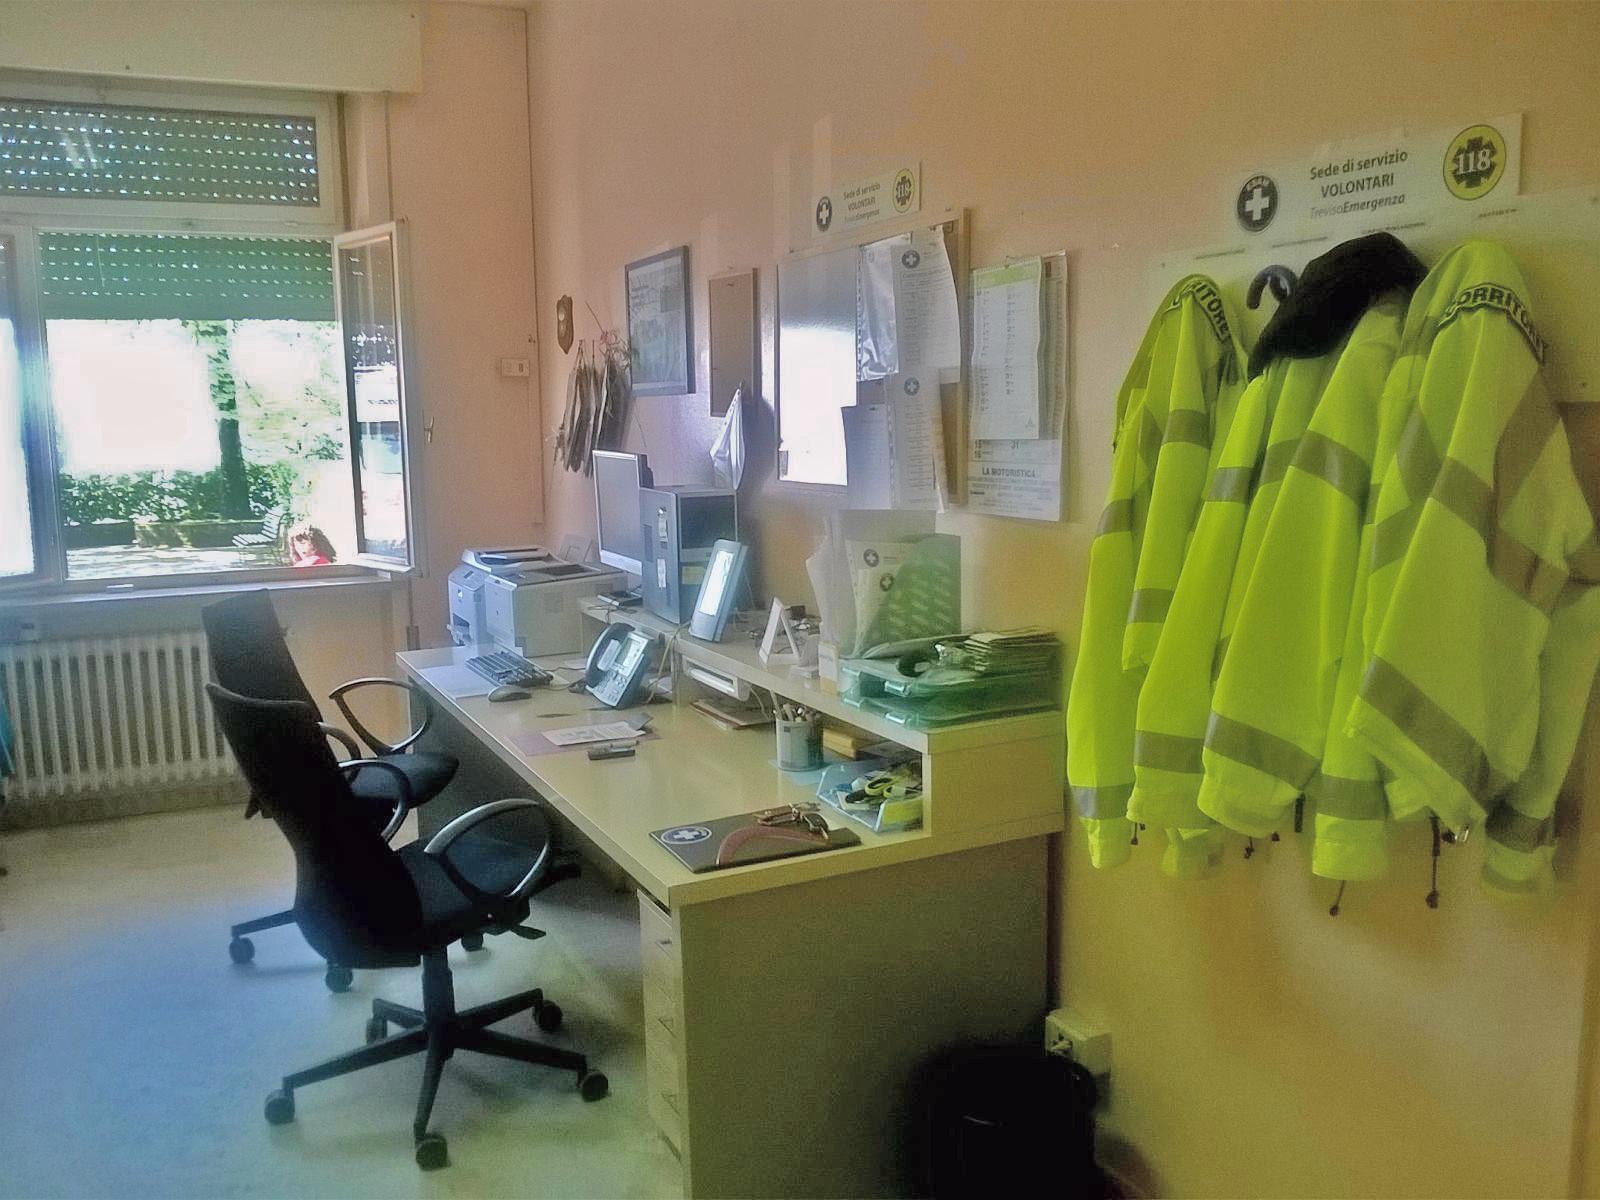 La zona centralino ¨ il cuore della sede dove vengono ricevute le chiamate dalla Centrale Operativa SUEM 118 di Treviso e dove si preparano in pochi minuti